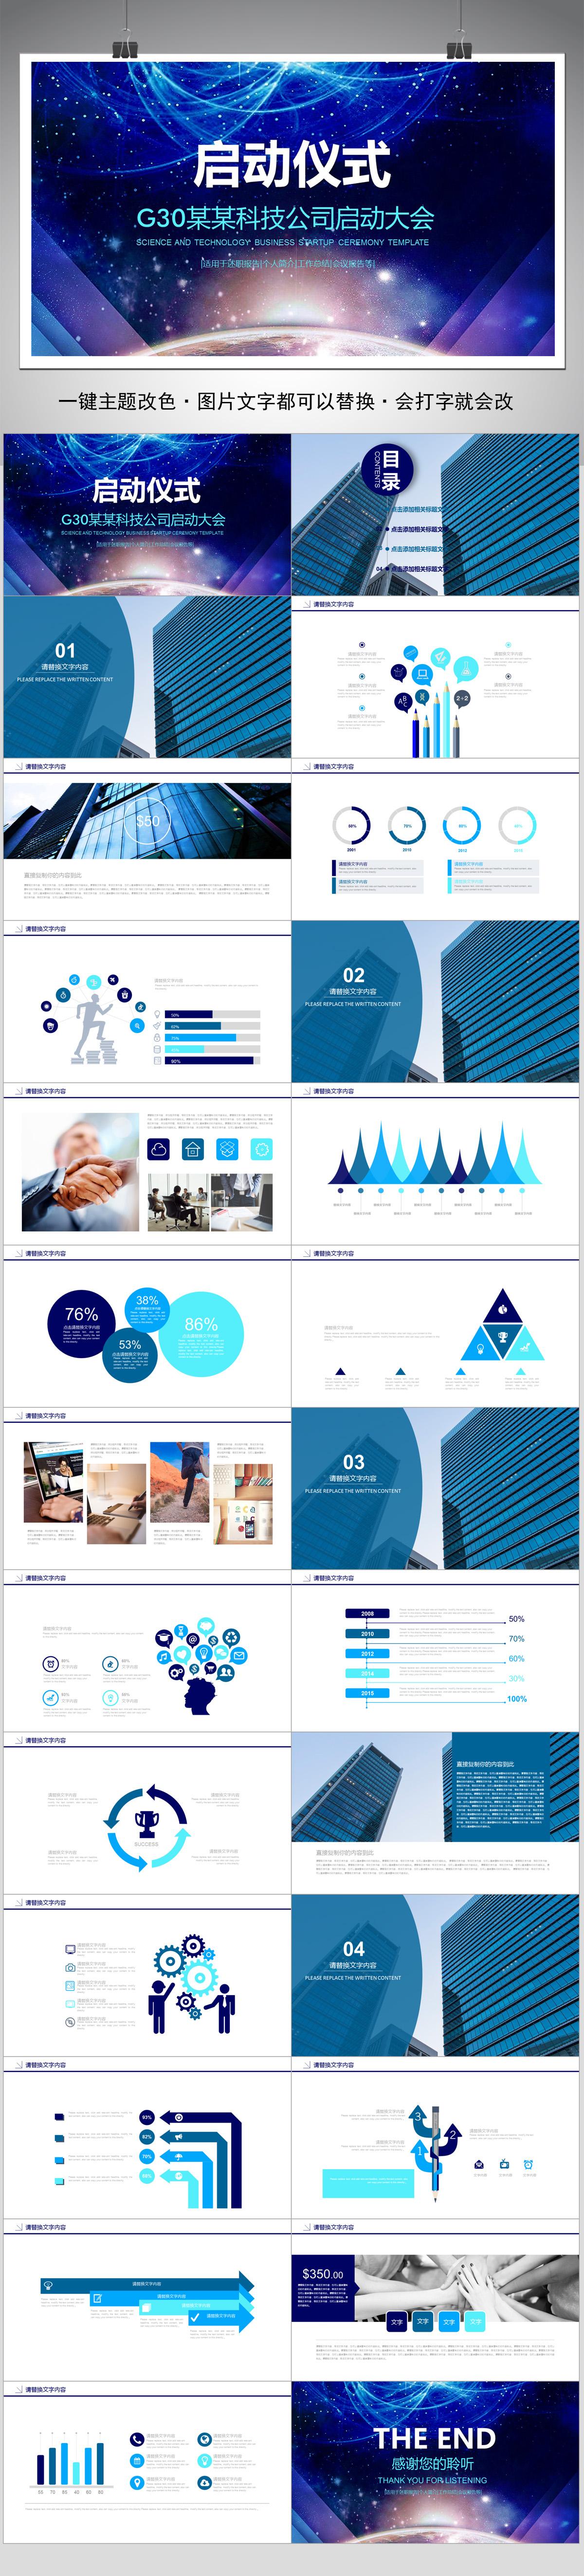 作品标题:2017公司会议背景模板启动仪式发布会品牌宣讲产品企业介绍图片